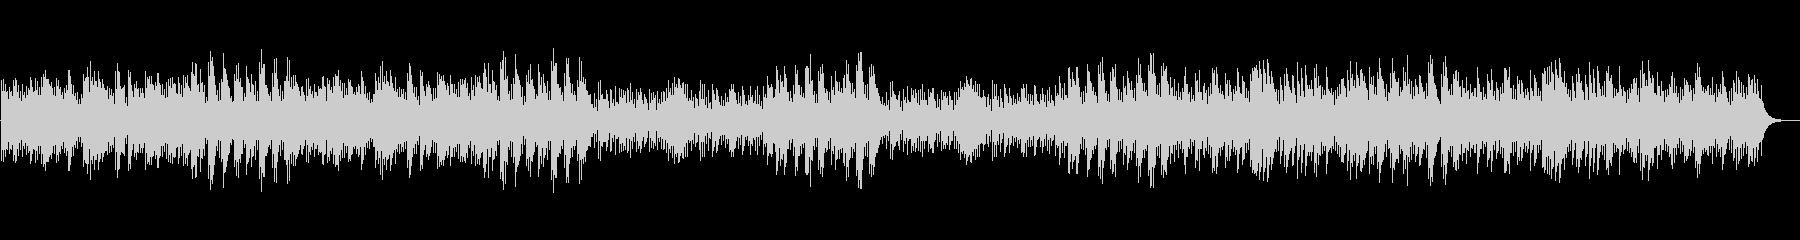 仄暗く切ない系オルゴール(短調)の未再生の波形